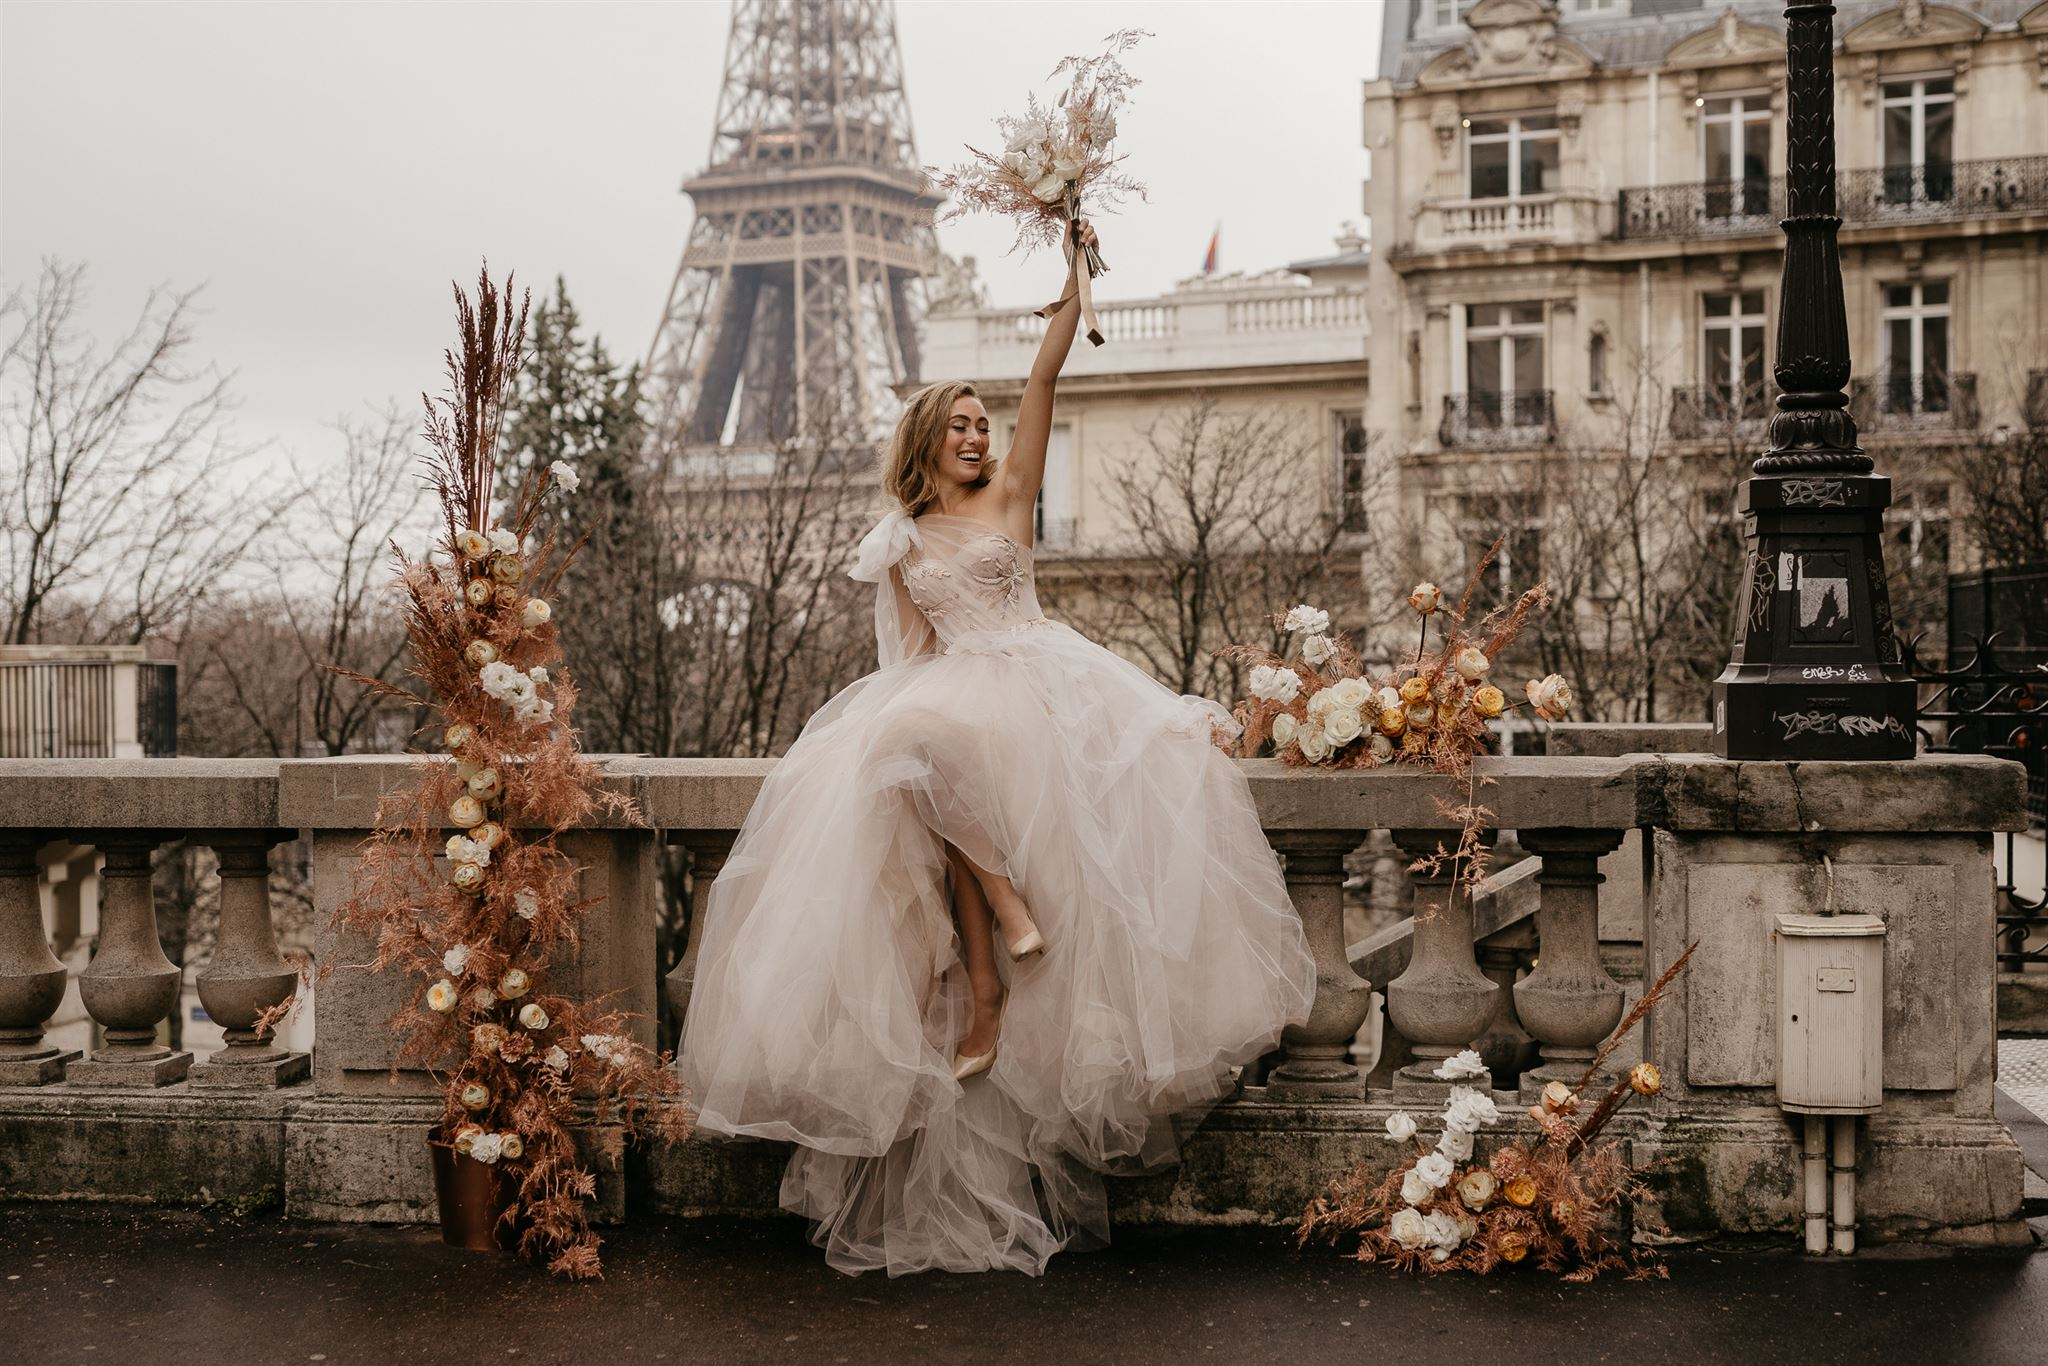 Elia - Wedding dress